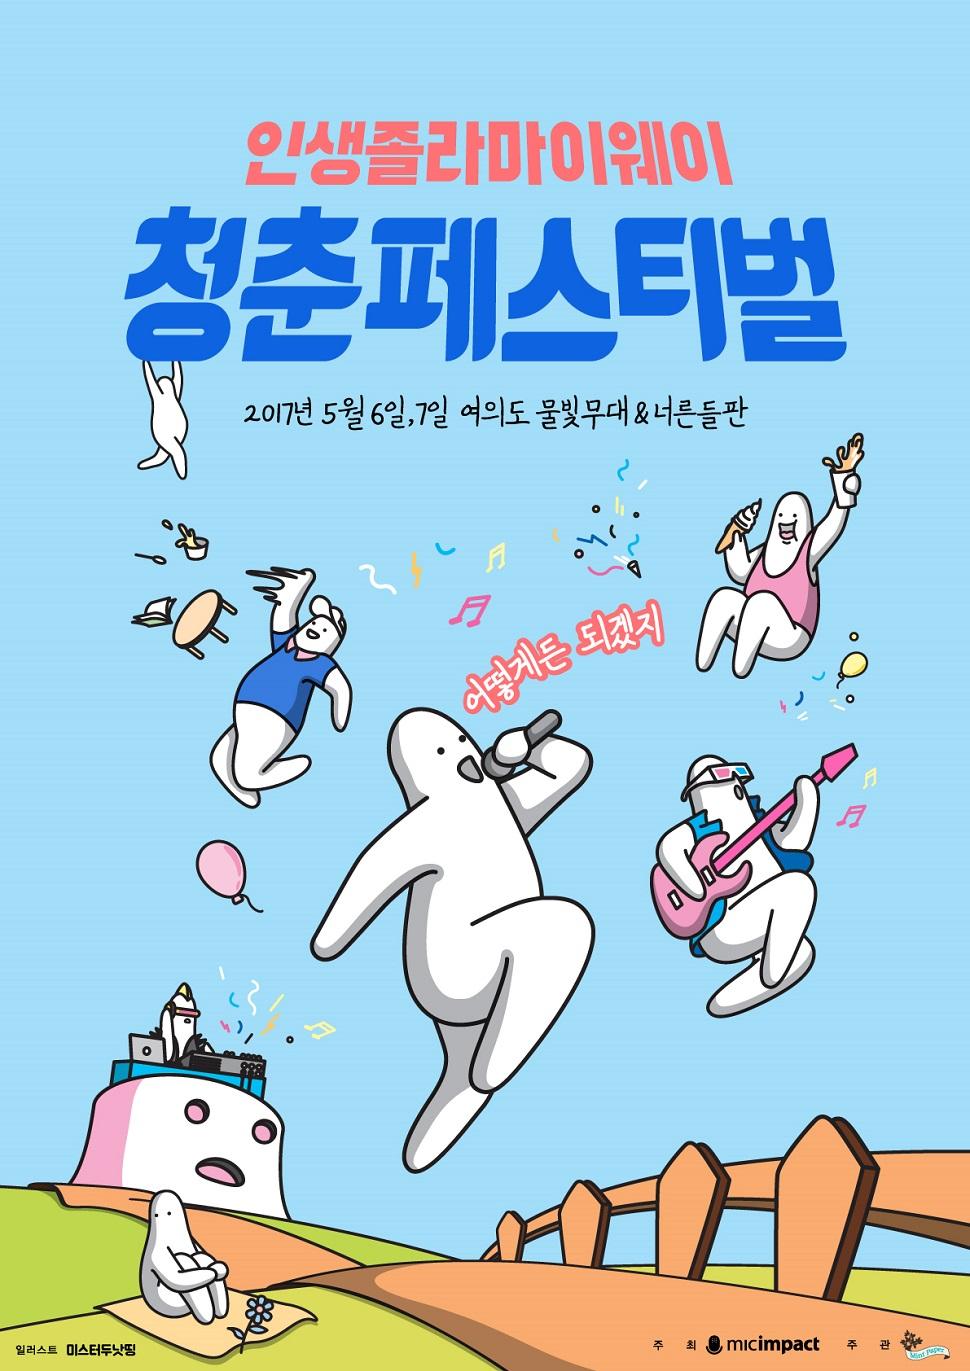 청춘페스티벌 2017 메인 포스터